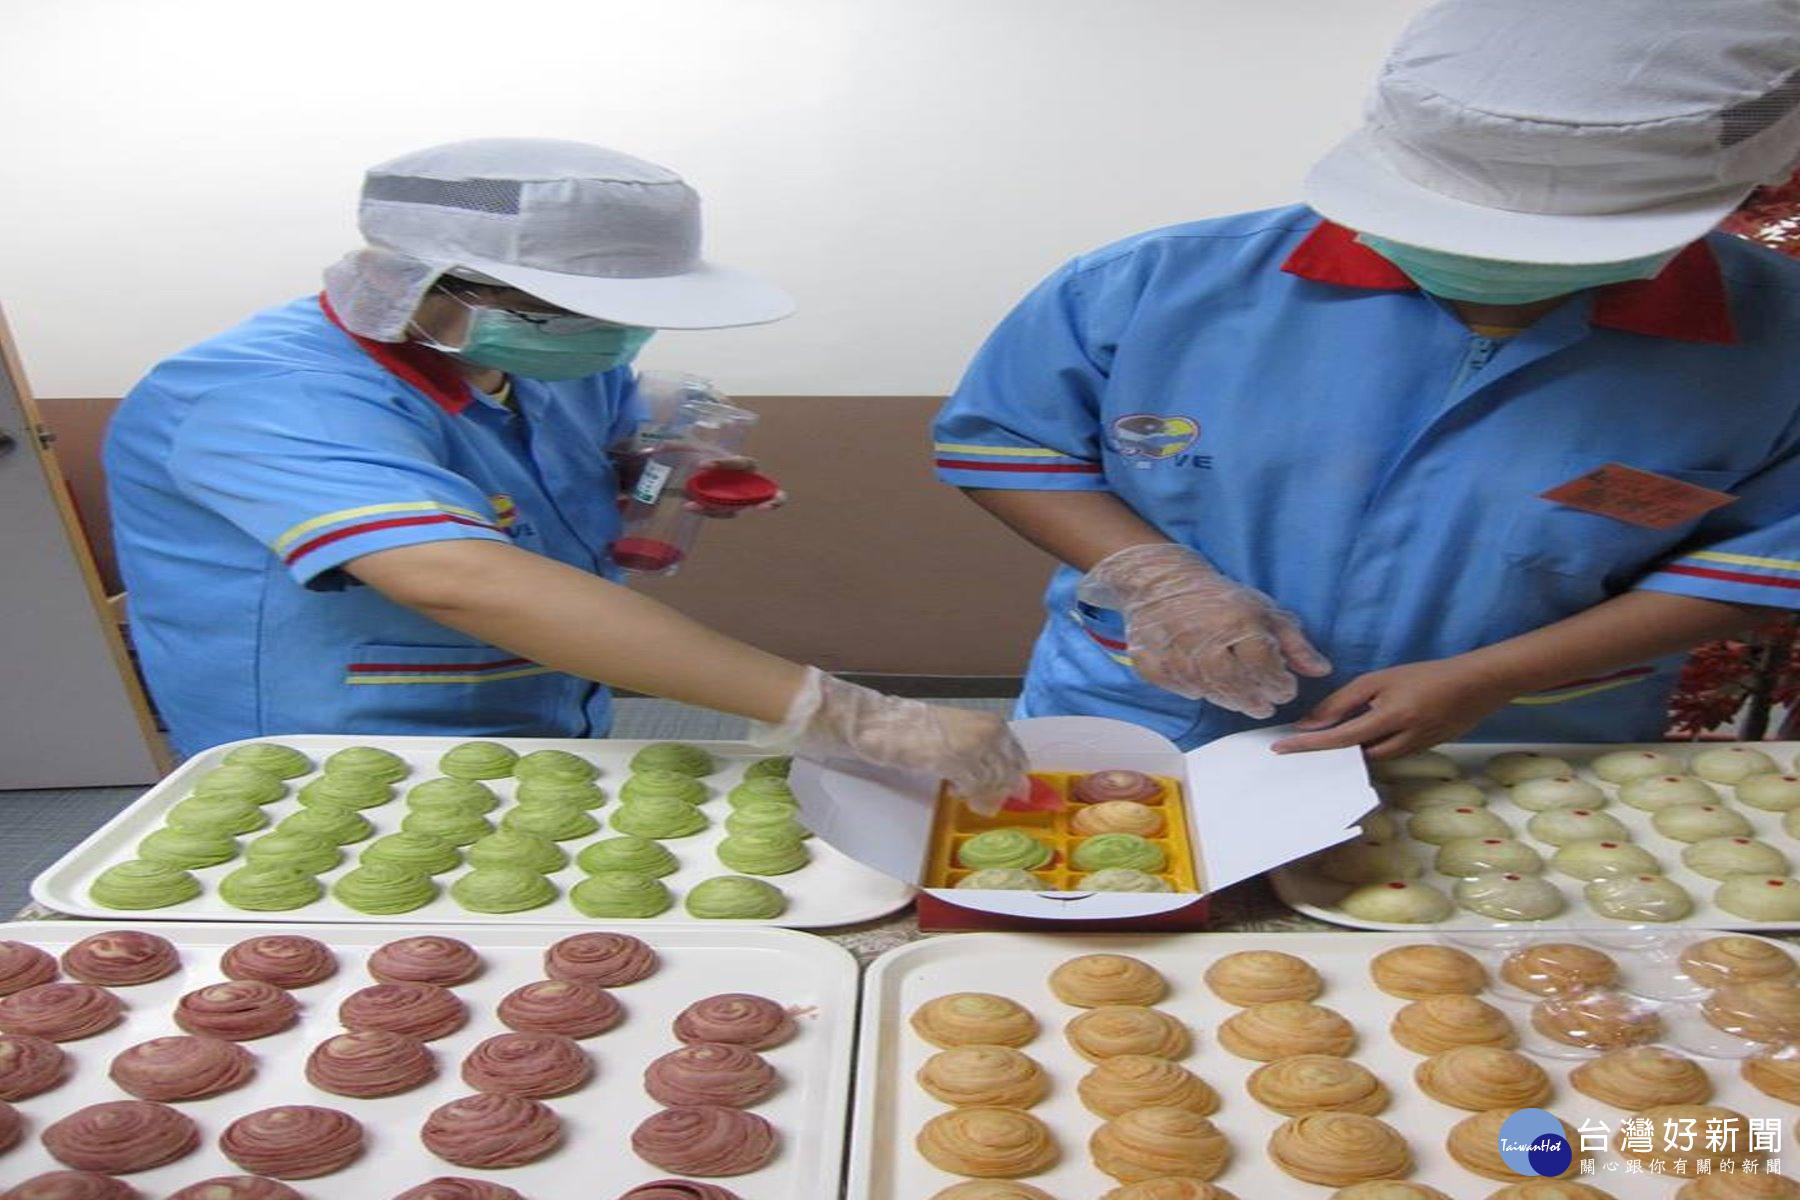 嘉南療養院推出病友自製健康月餅禮盒 呼籲民眾訂購做愛心